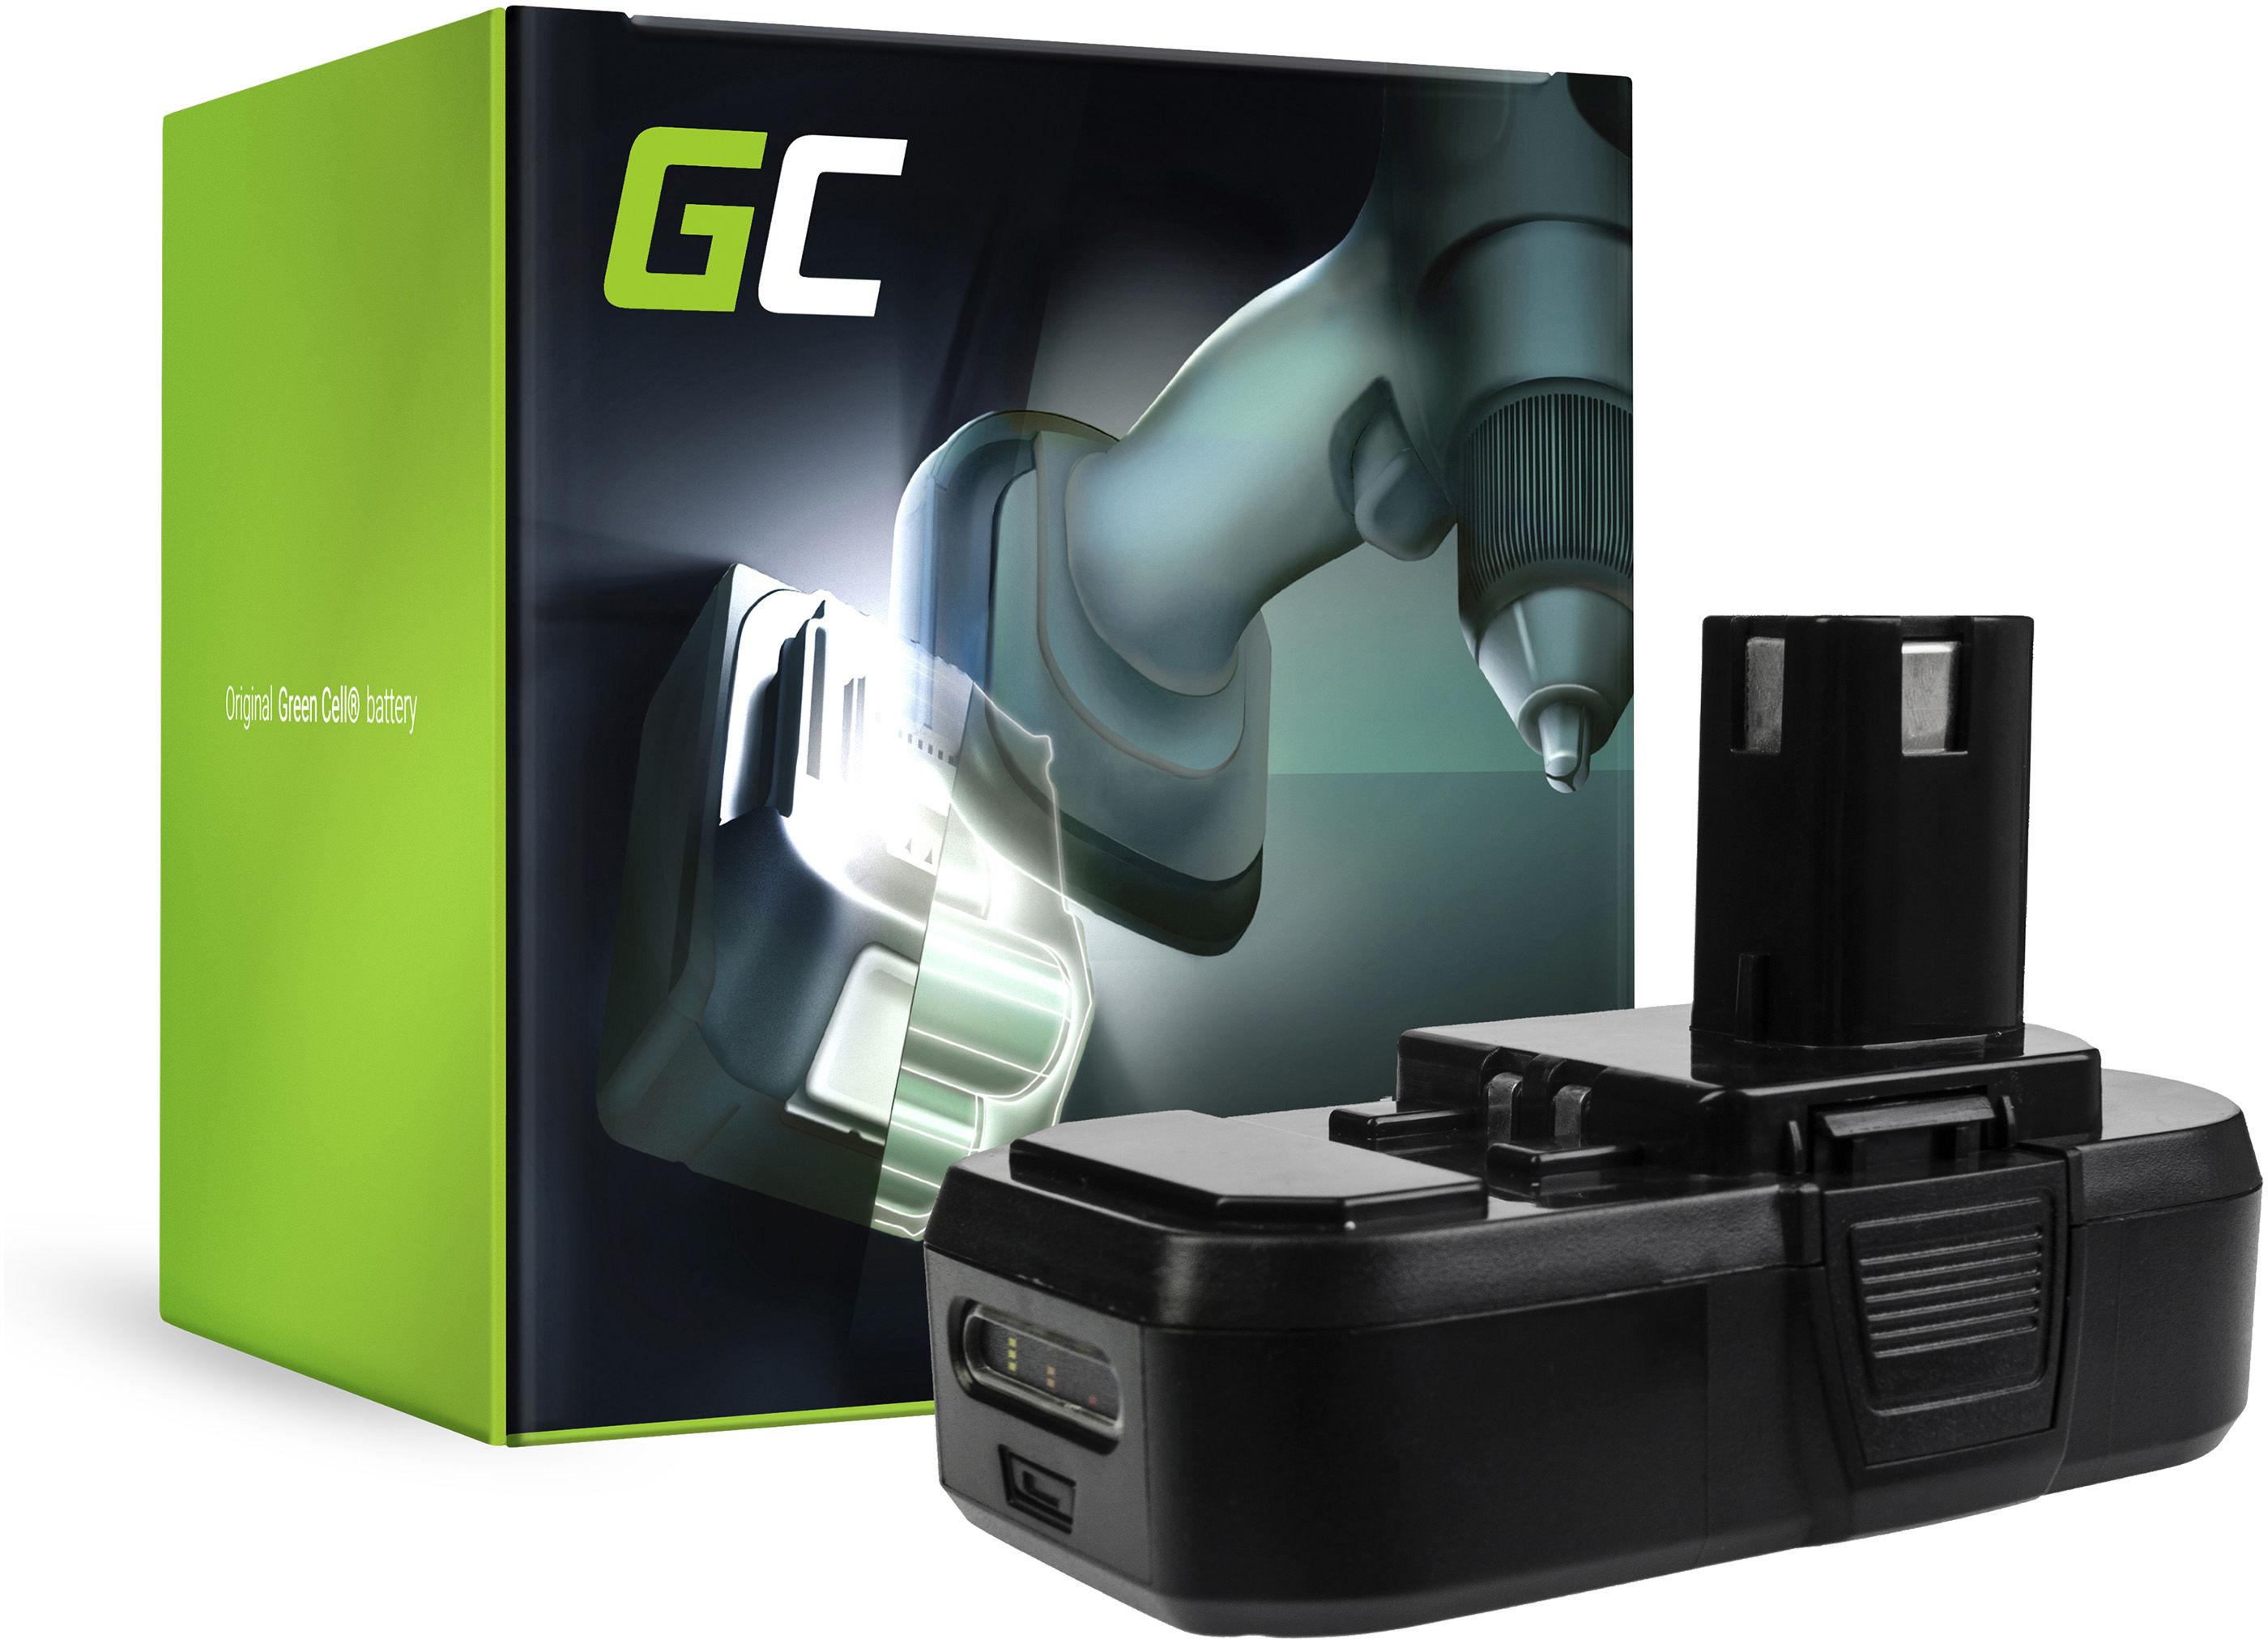 Bateria Green Cell (1.5Ah 18V) ONE+ P108 RB18L13 RB18L15 RB18L20 RB18L25 RB18L50 do RYOBI BCL14181H R18DD3 R18IW3 R18IW3-0